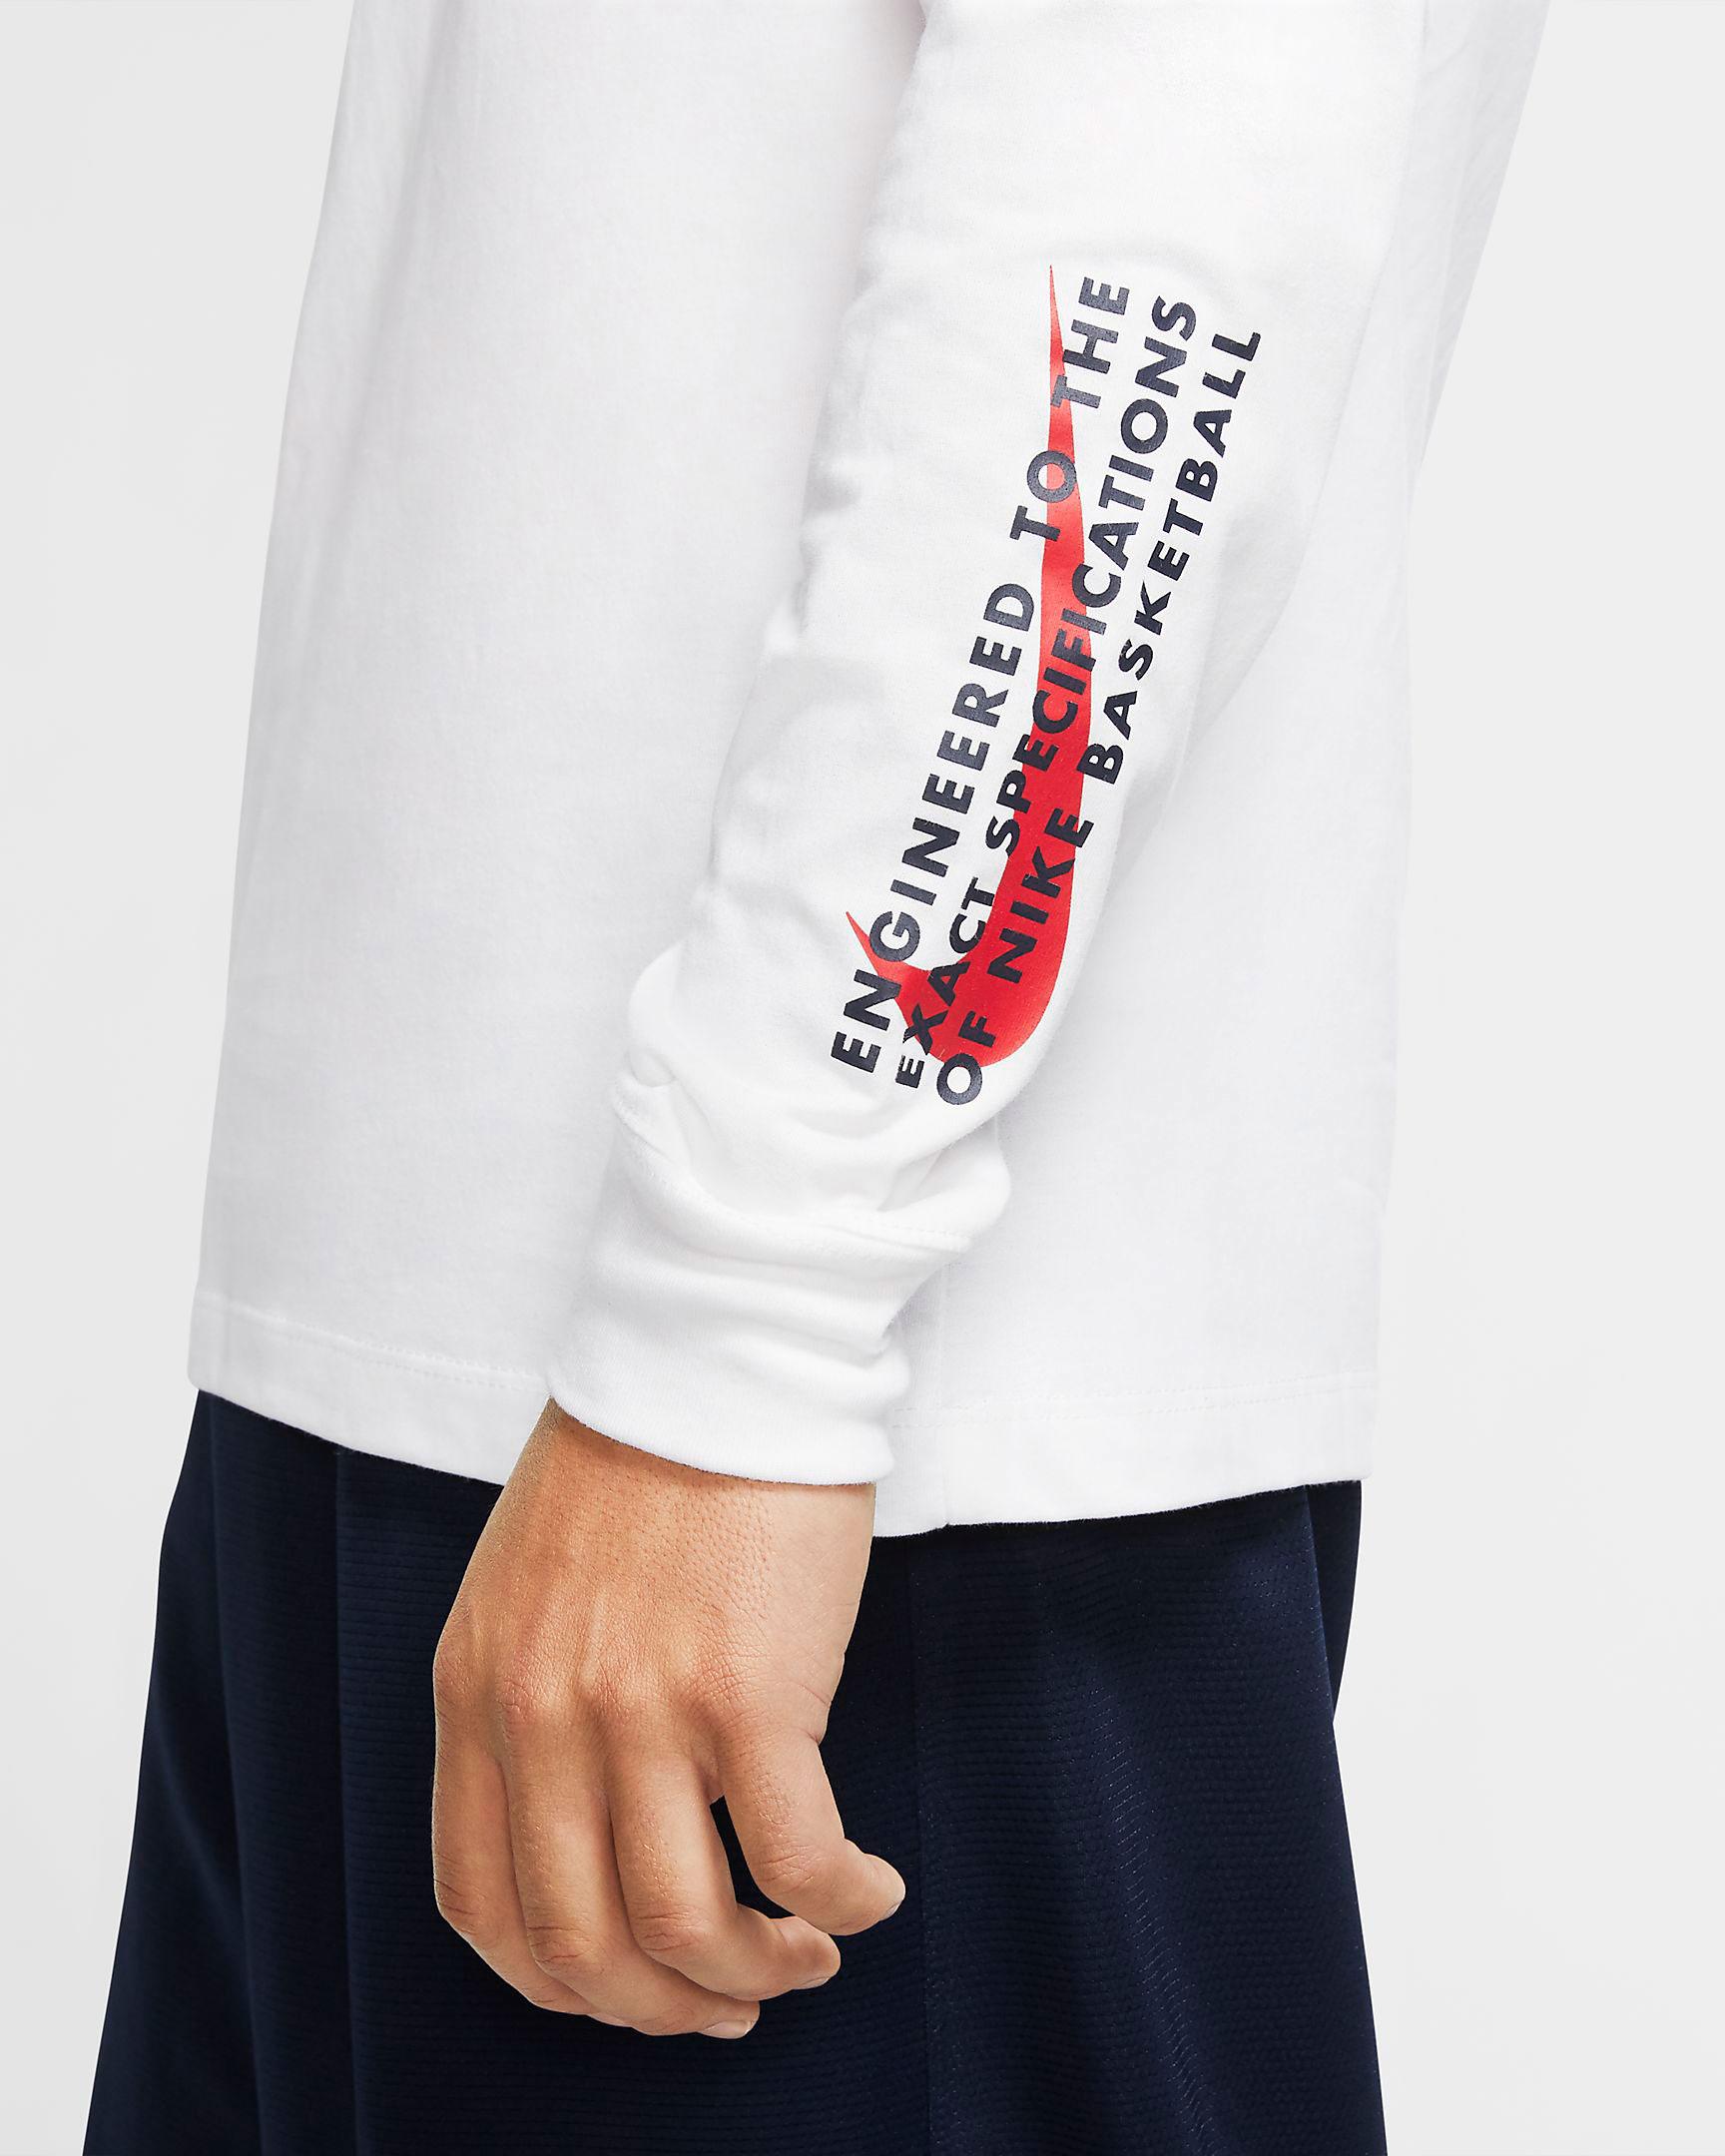 nike-lebron-17-graffiti-fire-red-cold-blue-matching-shirt-2